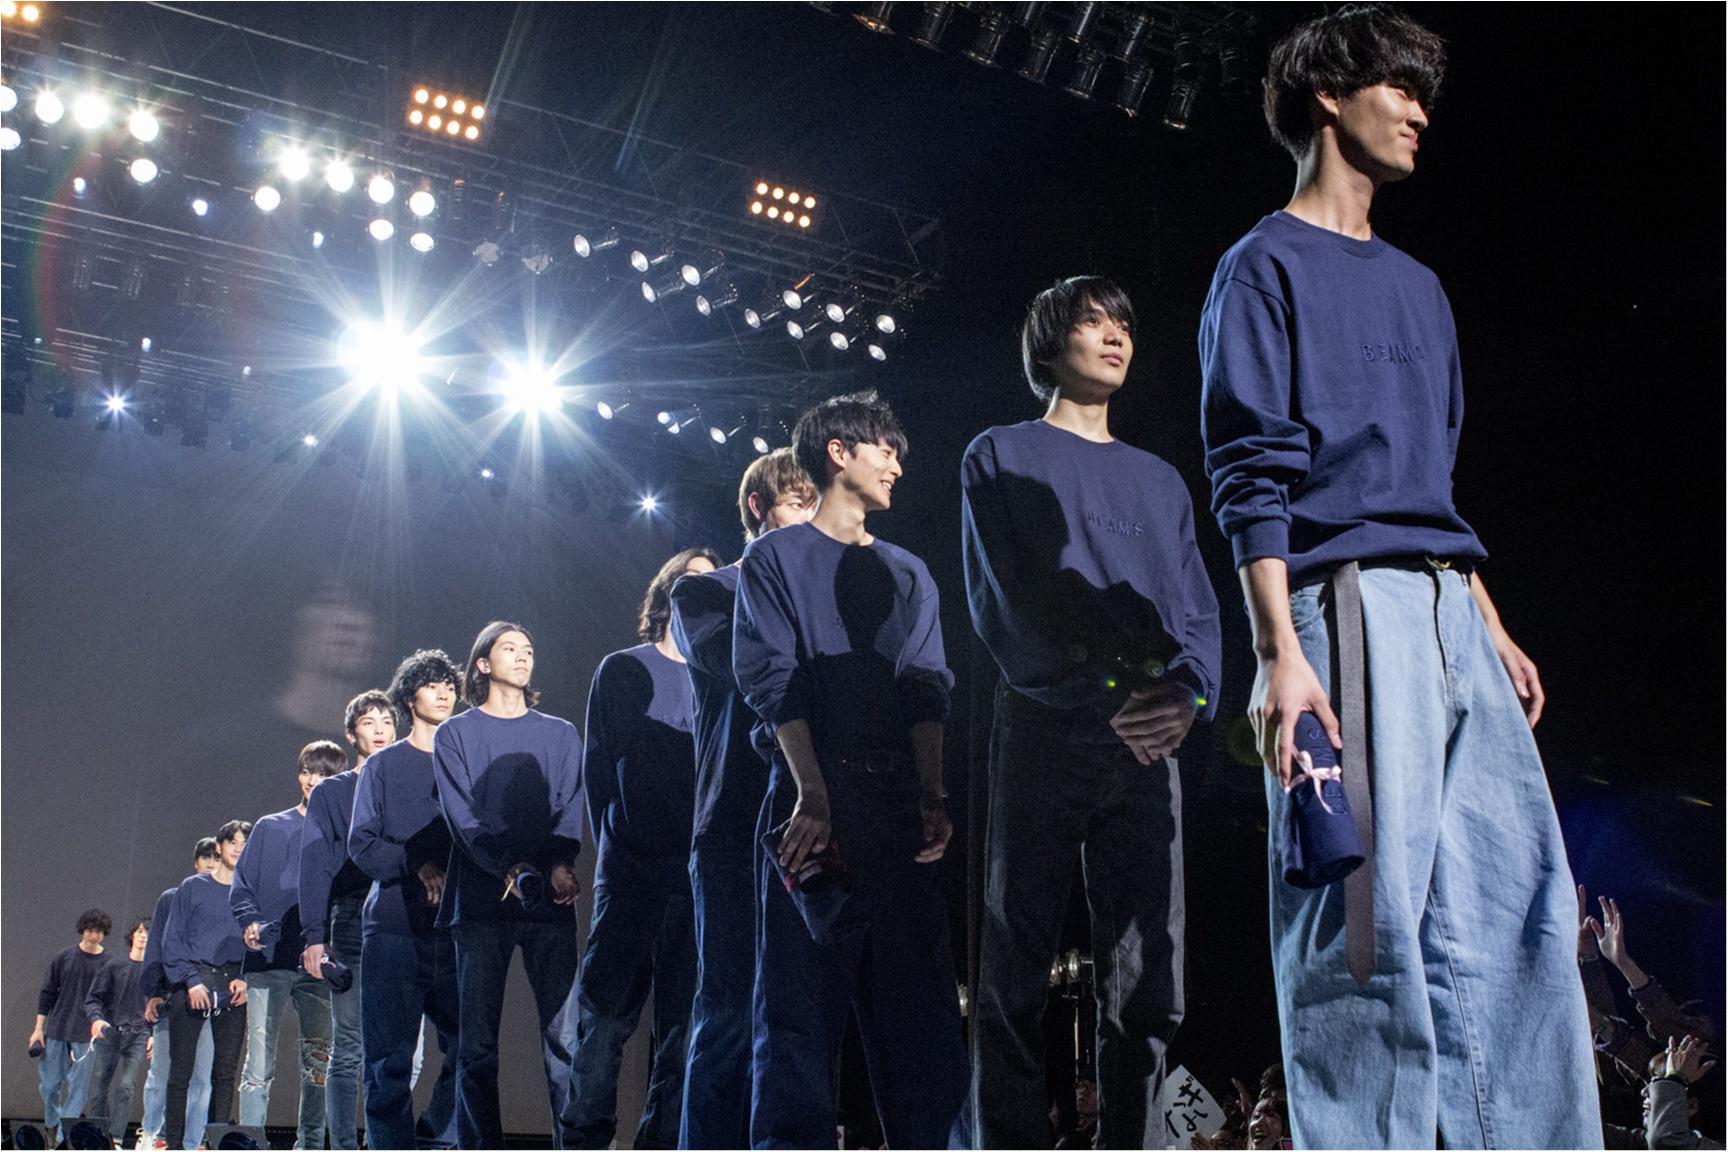 坂口健太郎さん、福士蒼汰さん、内田理央ちゃんも登場♡ 『メンズノンノフェス2016』潜入レポート!_11